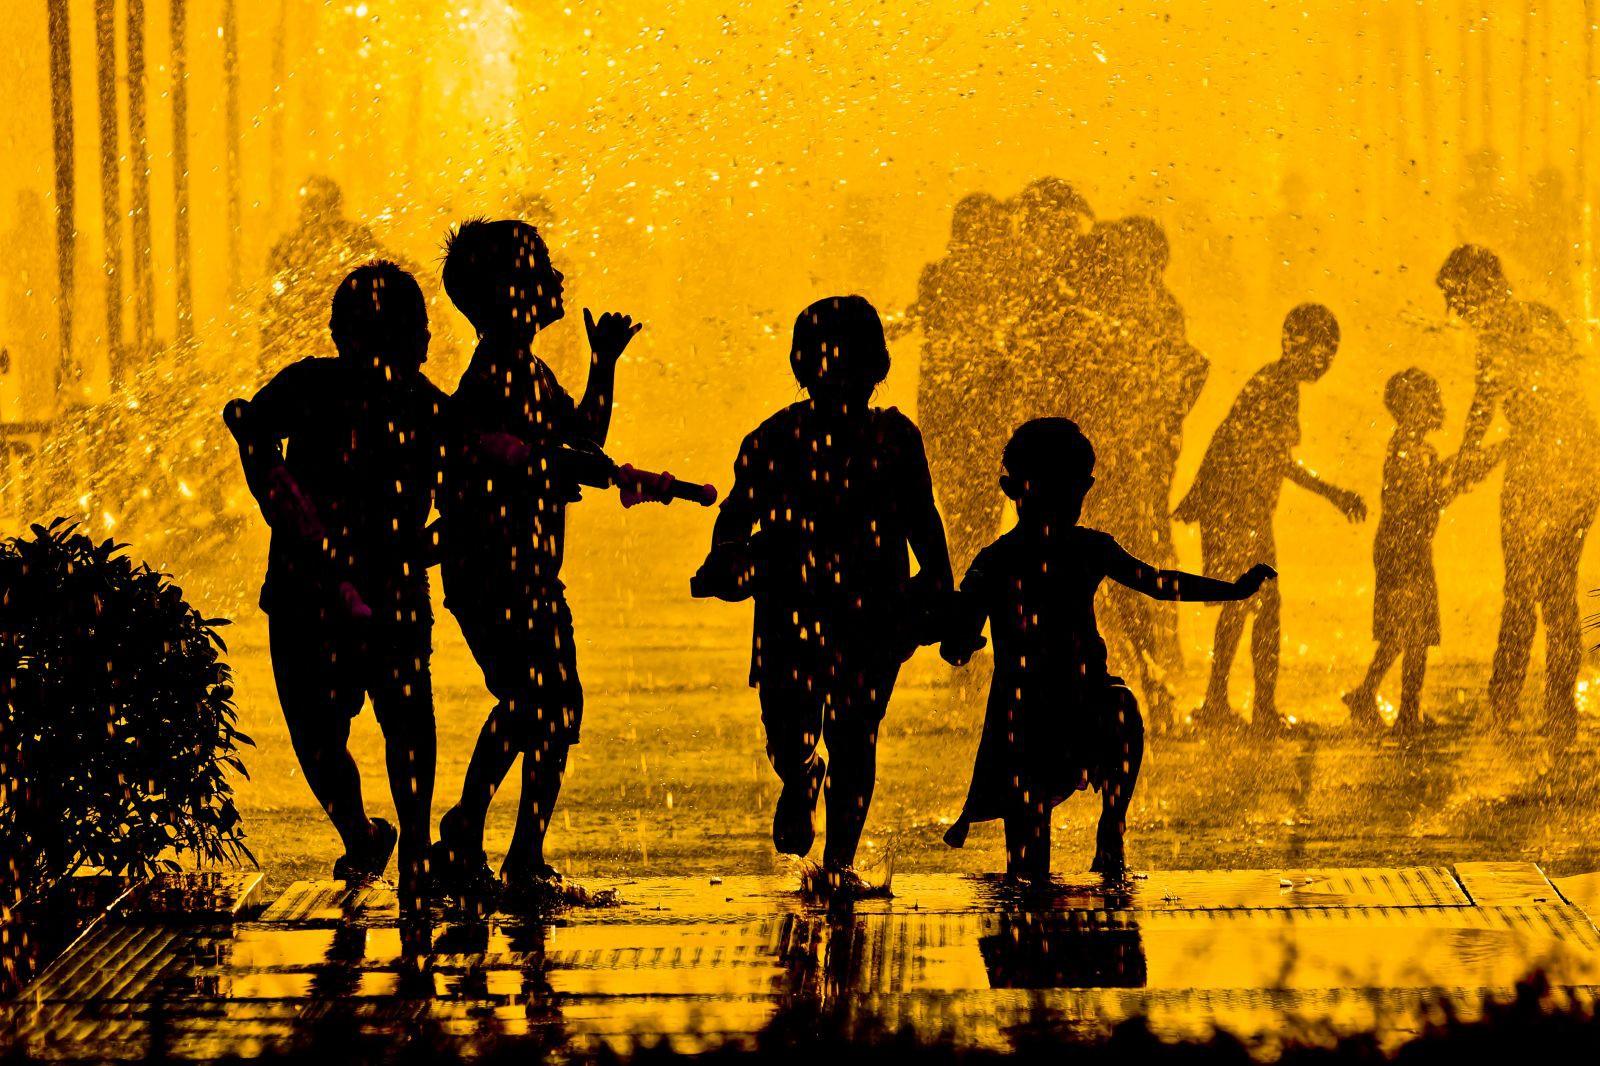 Lễ hội té nước Songkran: Đừng giữ mình khô ráo nếu muốn hưởng hạnh phúc! - Ảnh 5.